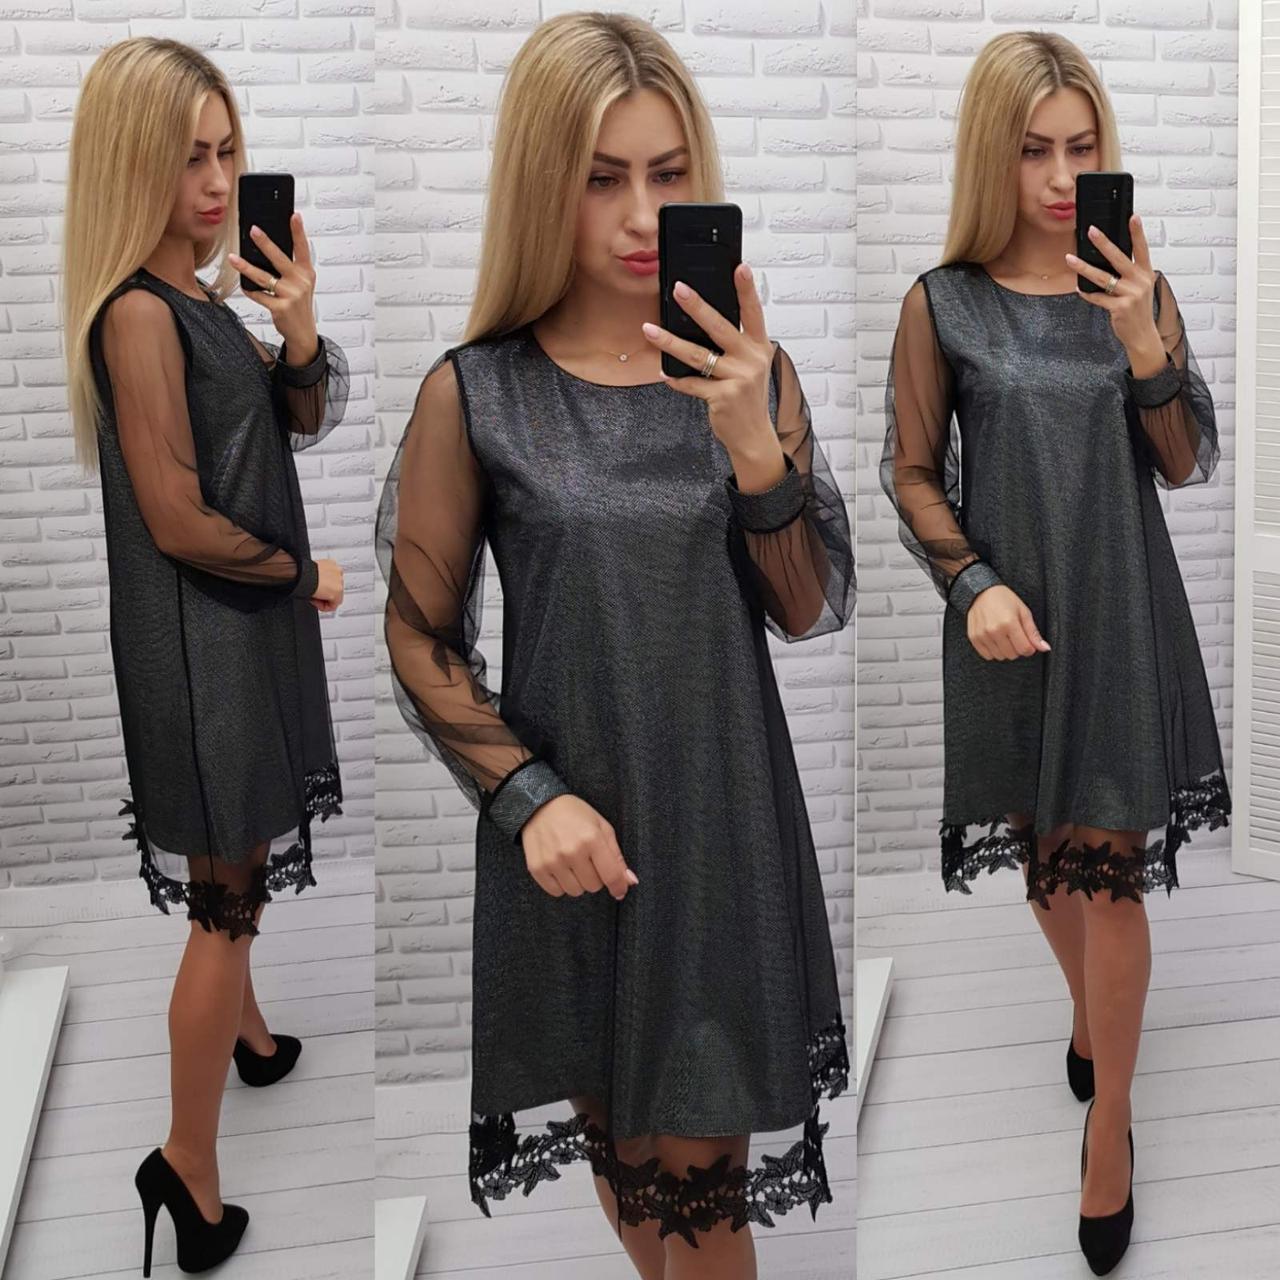 Нарядное платье с кружевом арт. 407, свободный крой, металлик